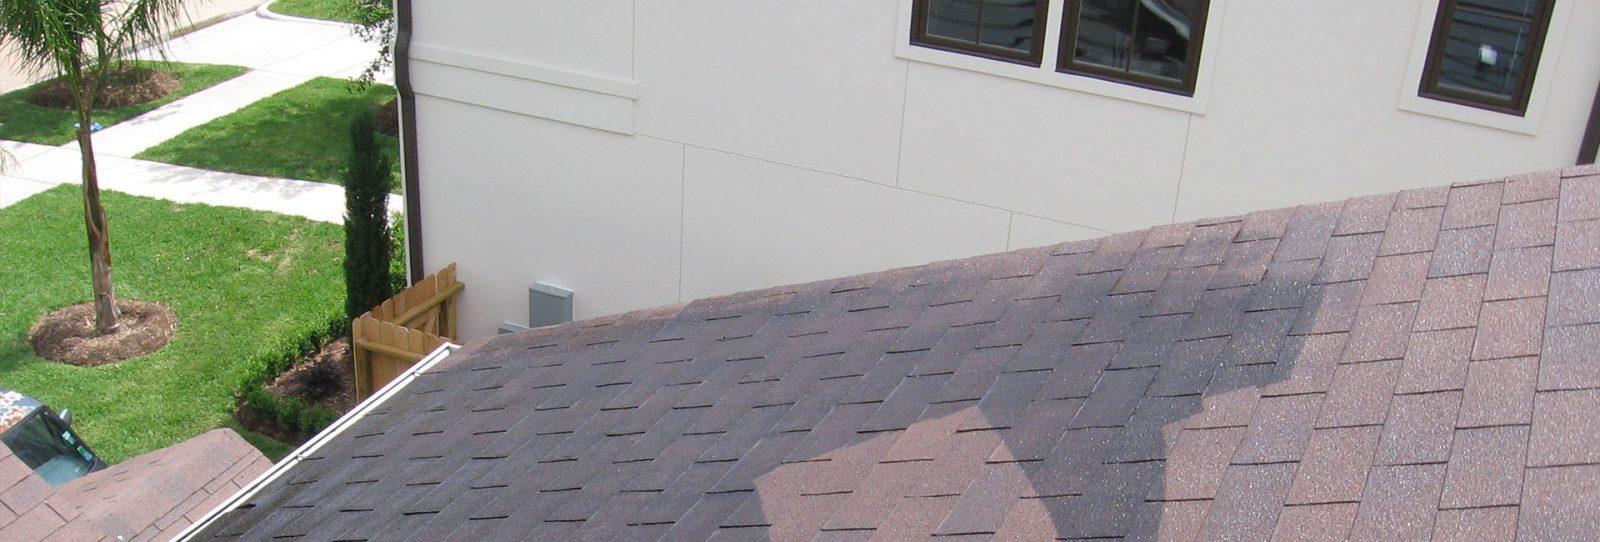 sezor-roofing-contractors